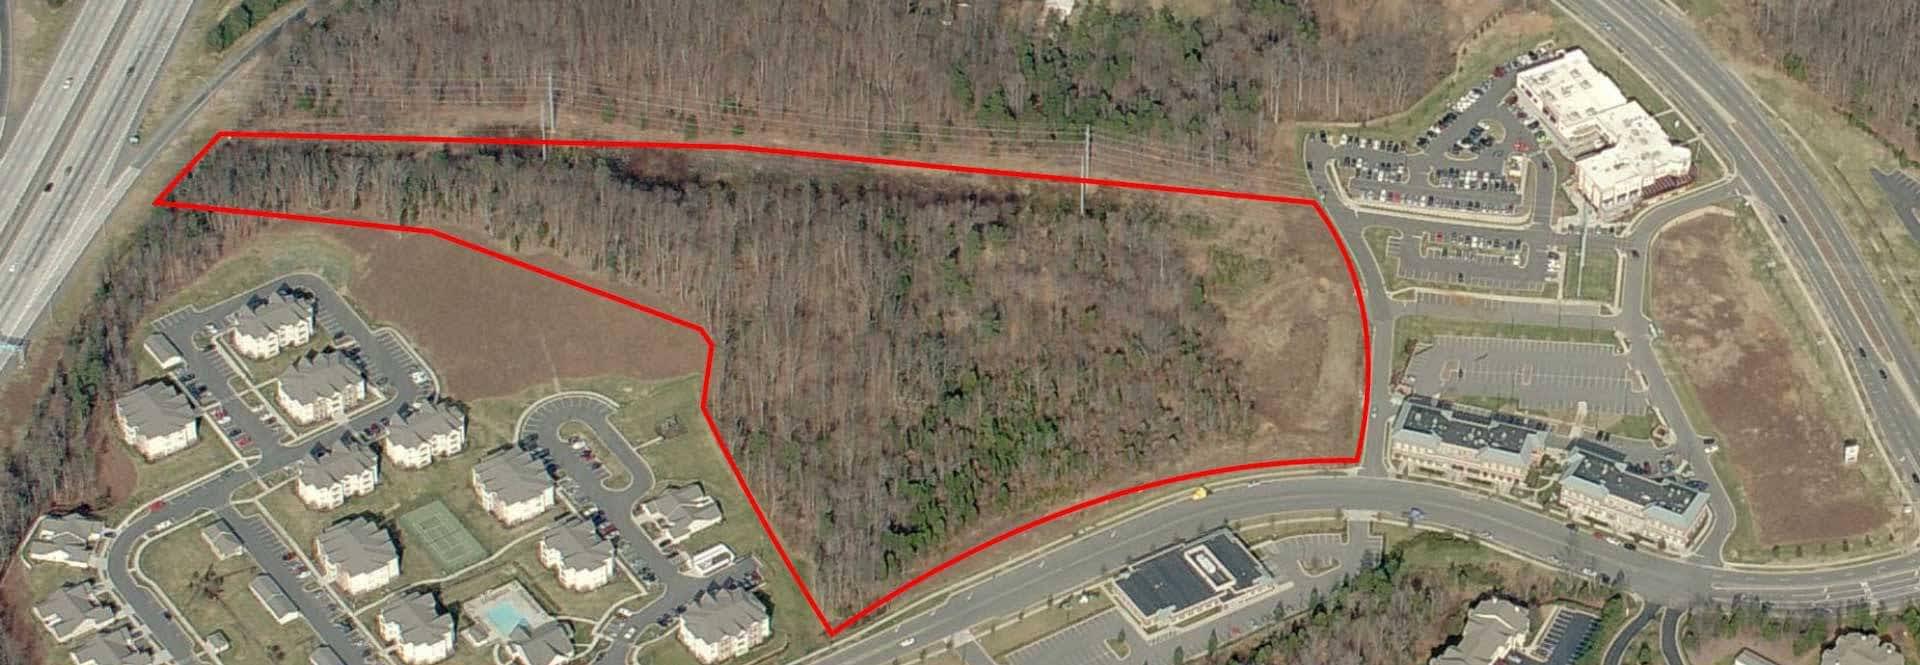 Land sale - 10230 Berkeley Place Dr, Charlotte, NC 28262